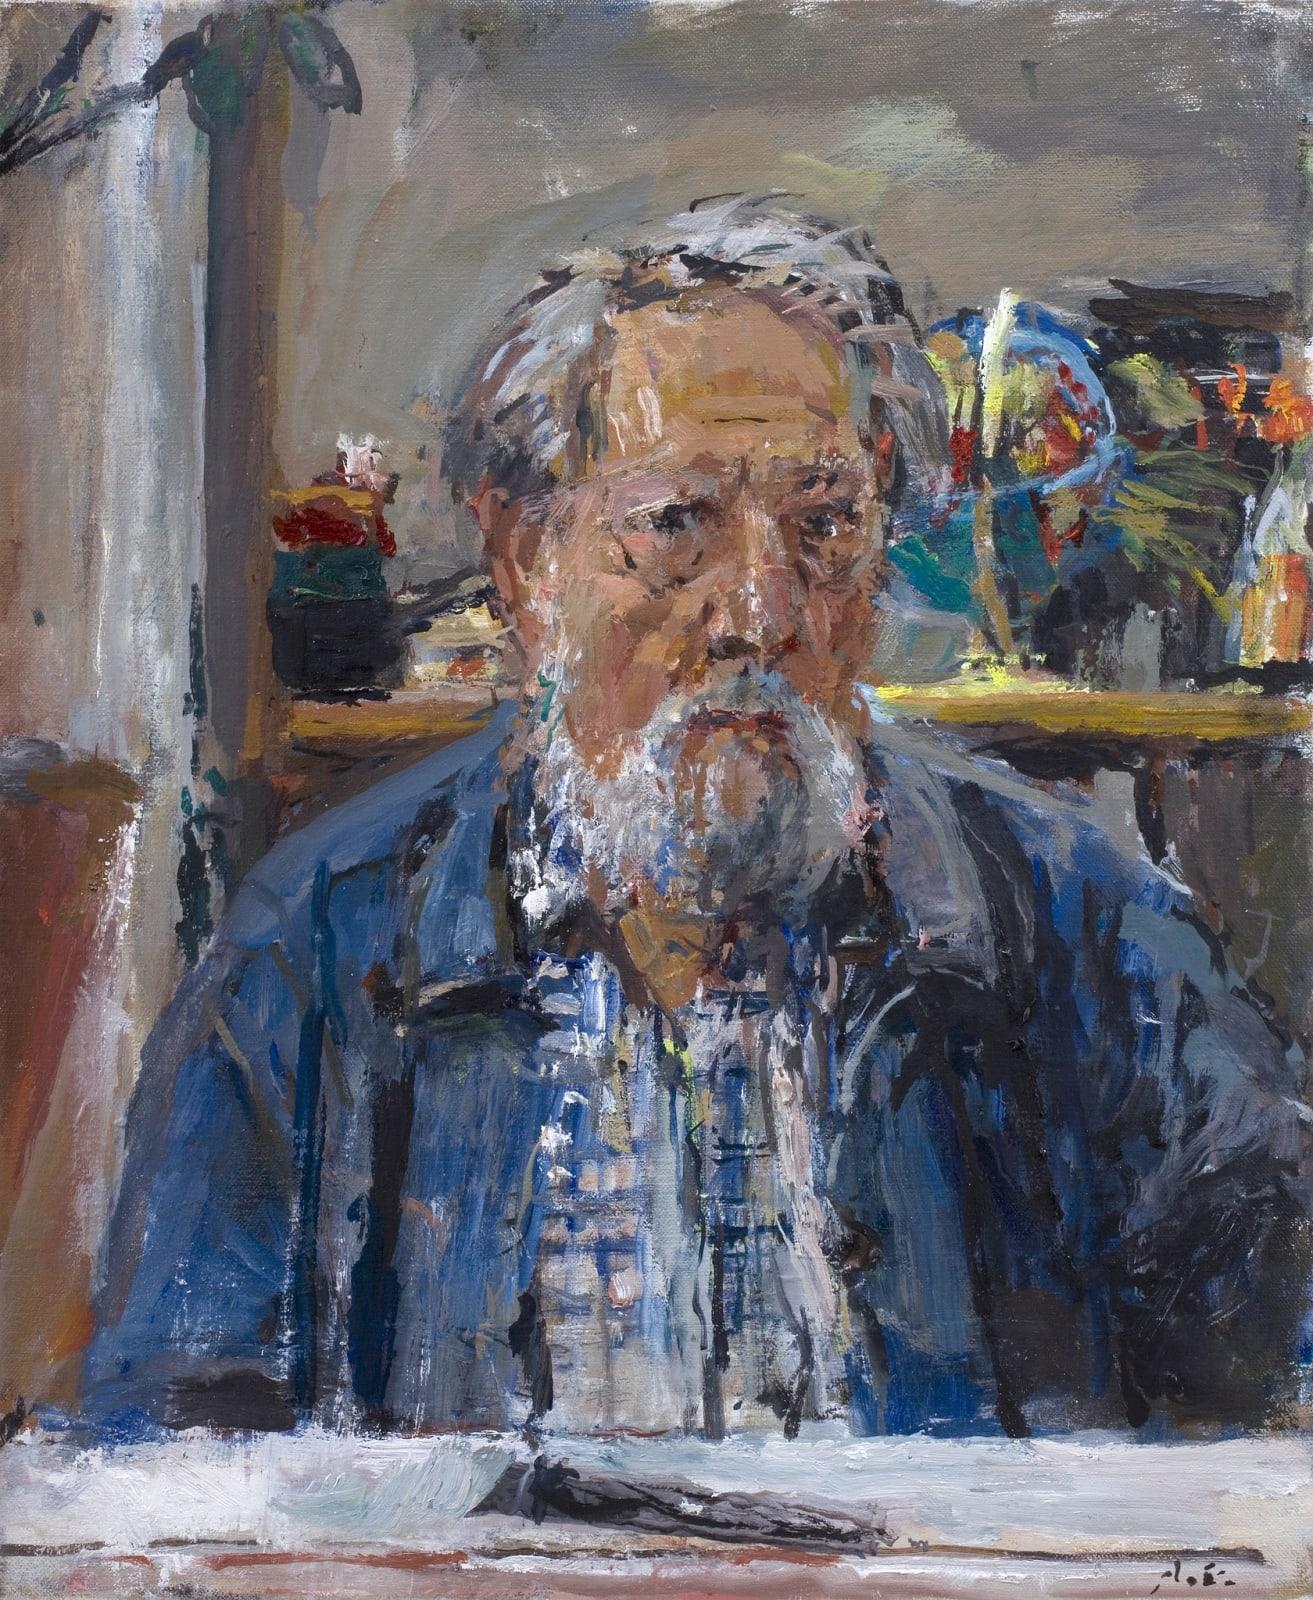 Anthony Eyton, Self-Portrait